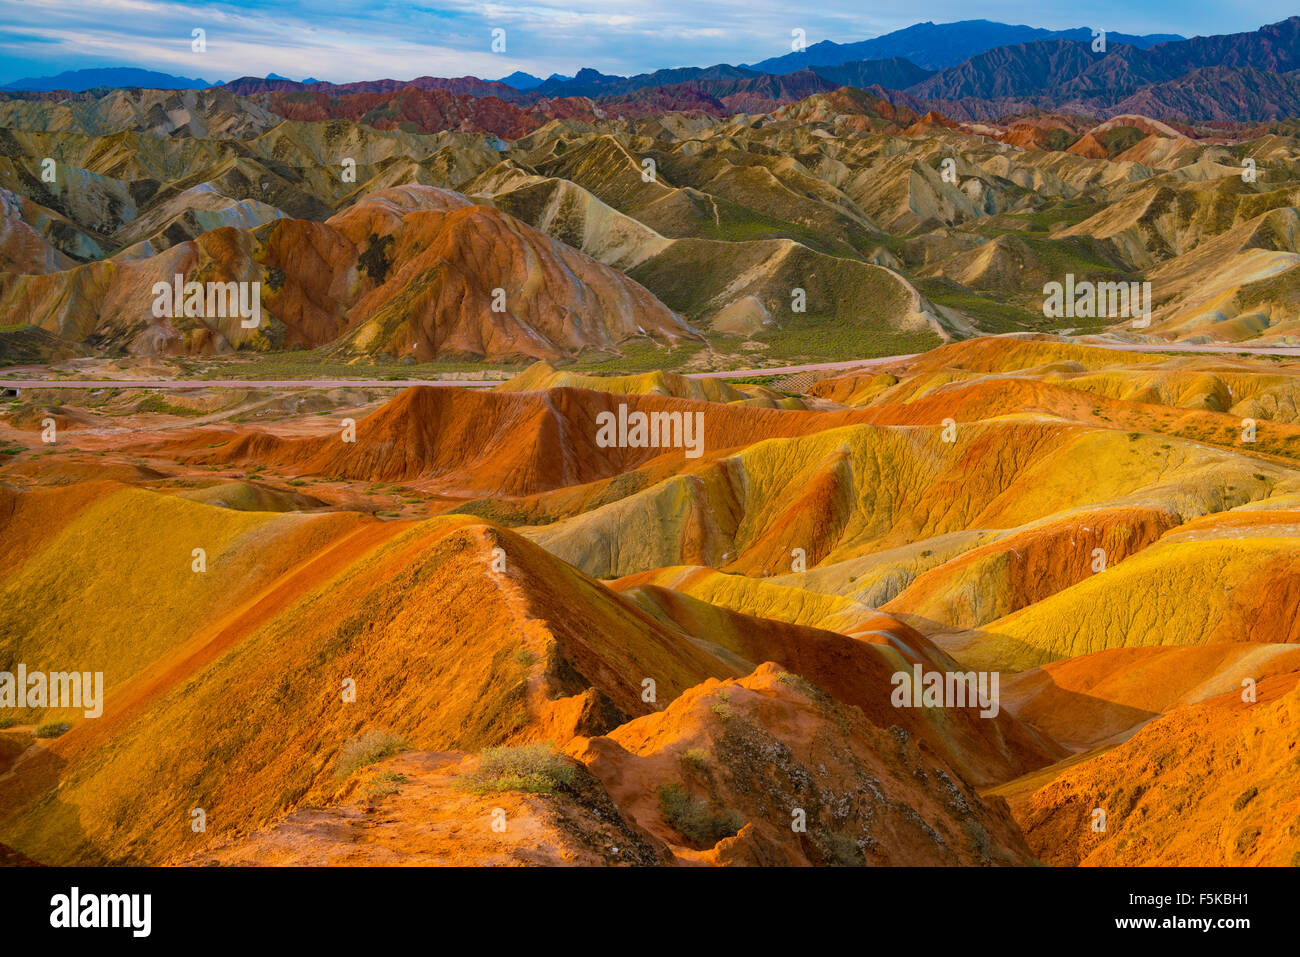 Coloful Formen in der Provinz Gansu Zhanhye Danxie Geo Park, China, erodiert Ballands in Muliple Farben Stockbild